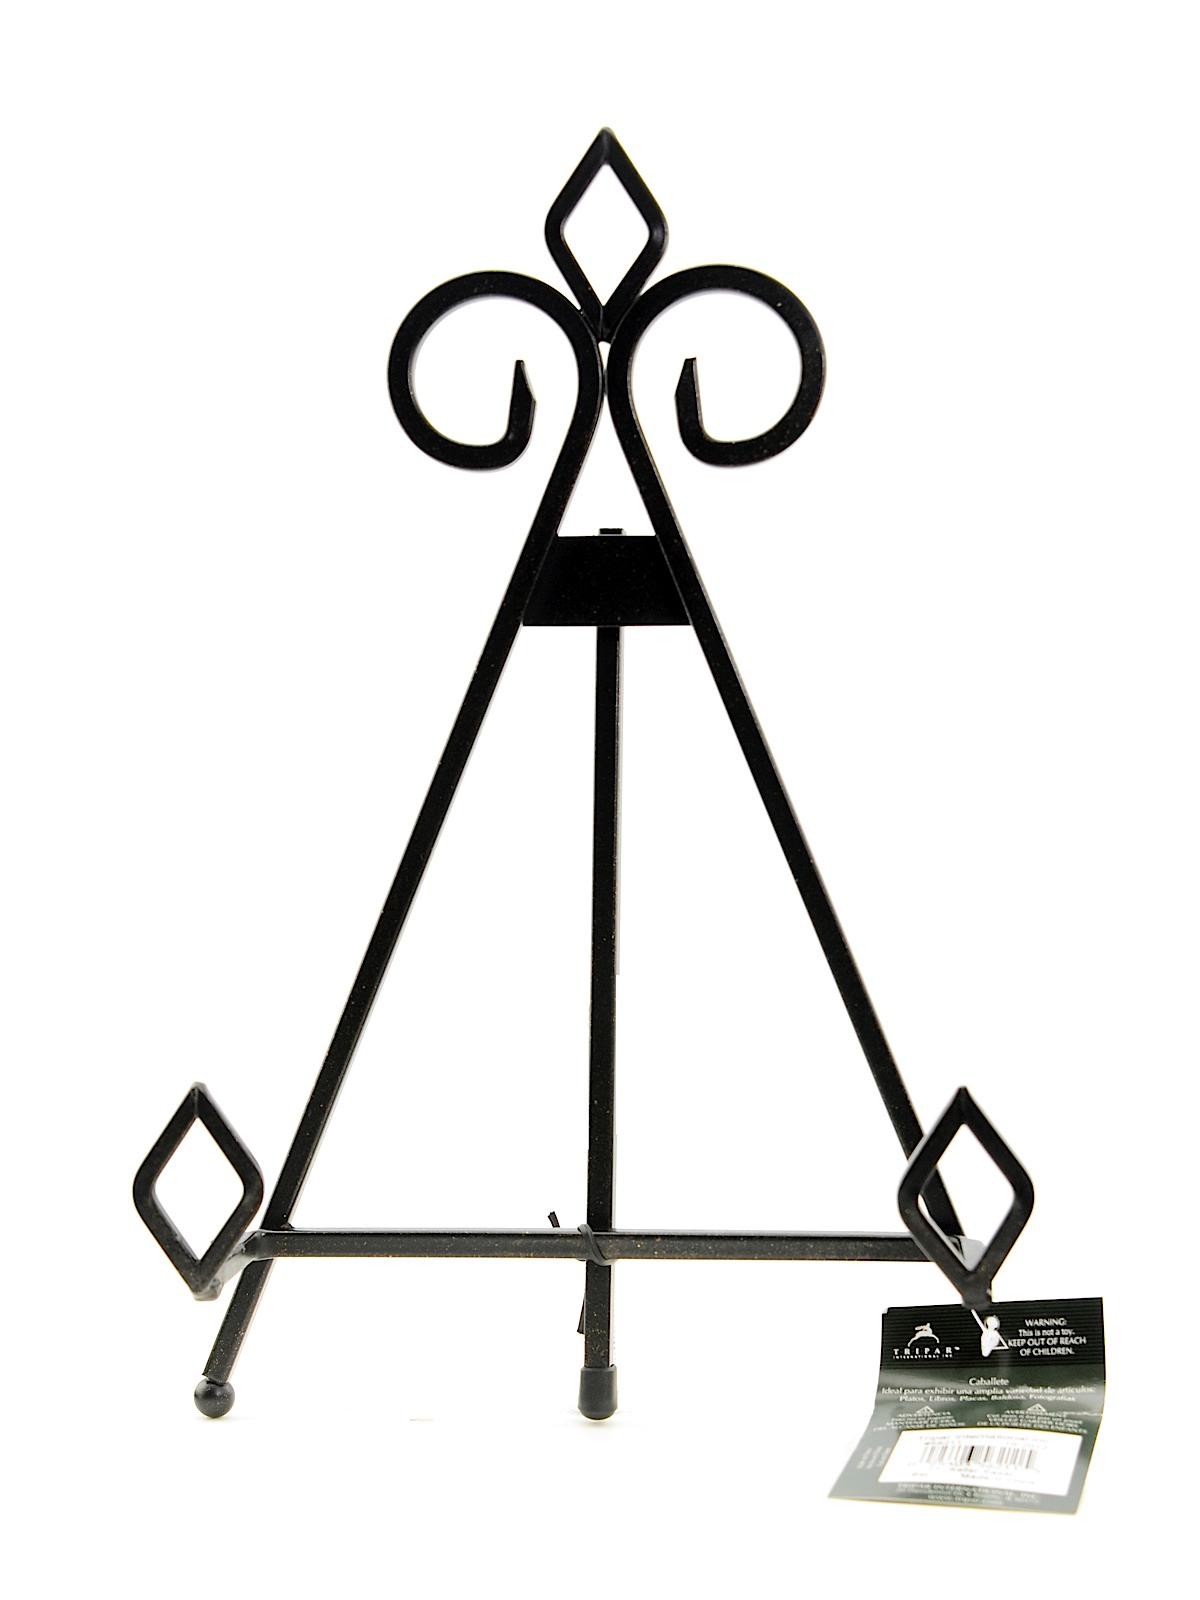 Keller Table Top Metal Easels